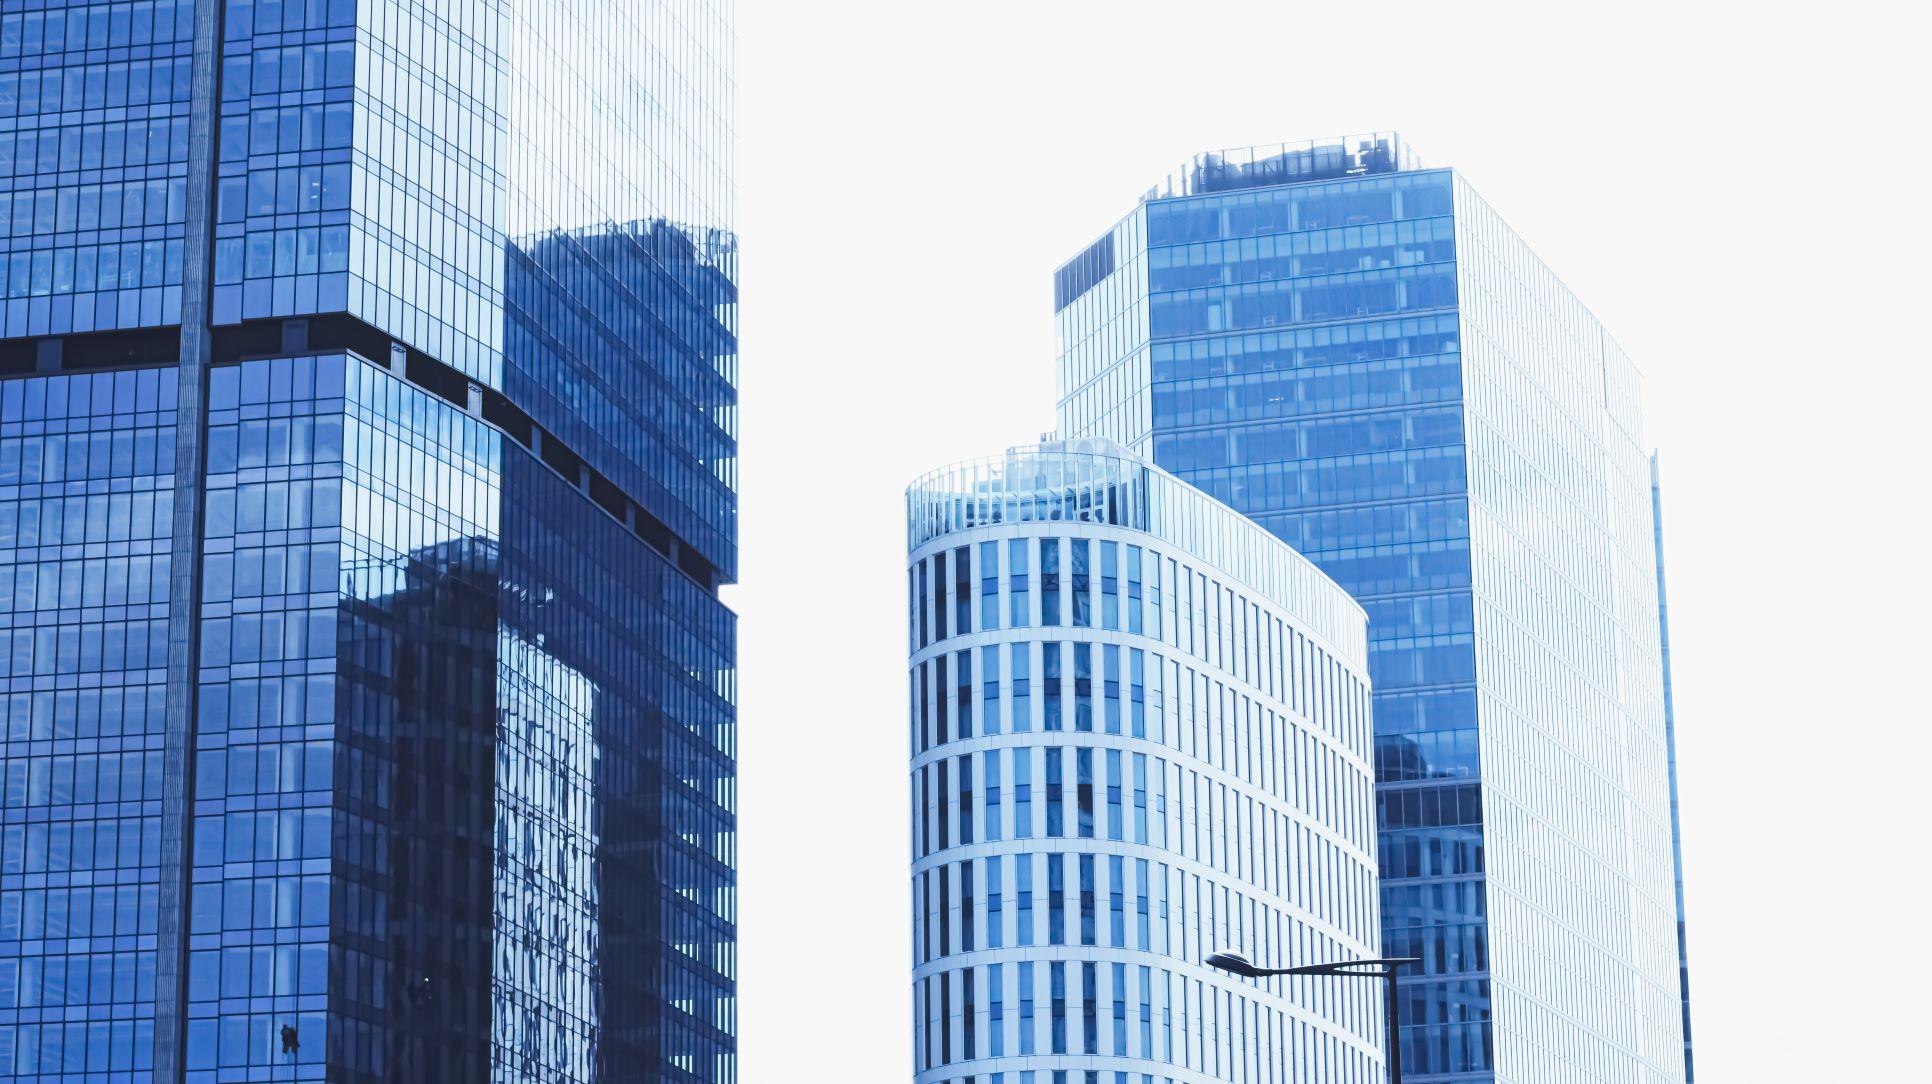 Obsługa techniczna, utrzymanie nieruchomości komercyjnych, serwisy infrastruktury technicznej